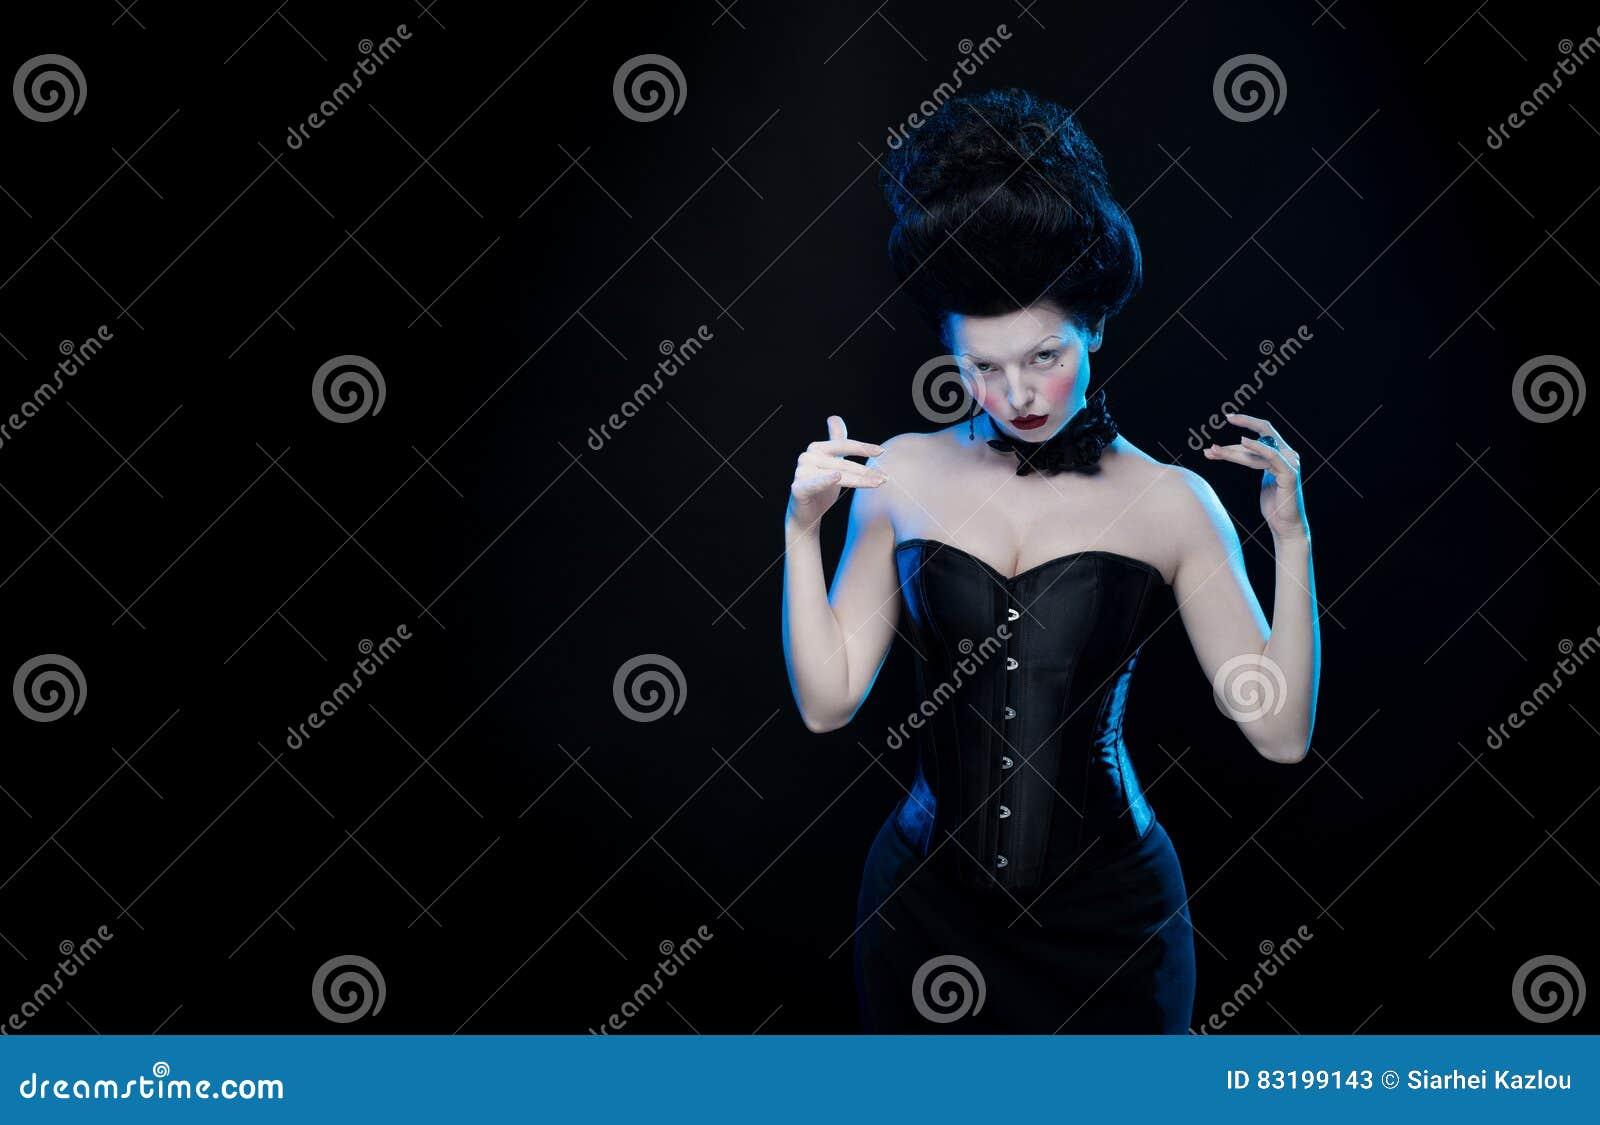 Morena Actriz Con Ahogadores Pelo Mujer La De El Alto Retrato 6ntxqRwAg6